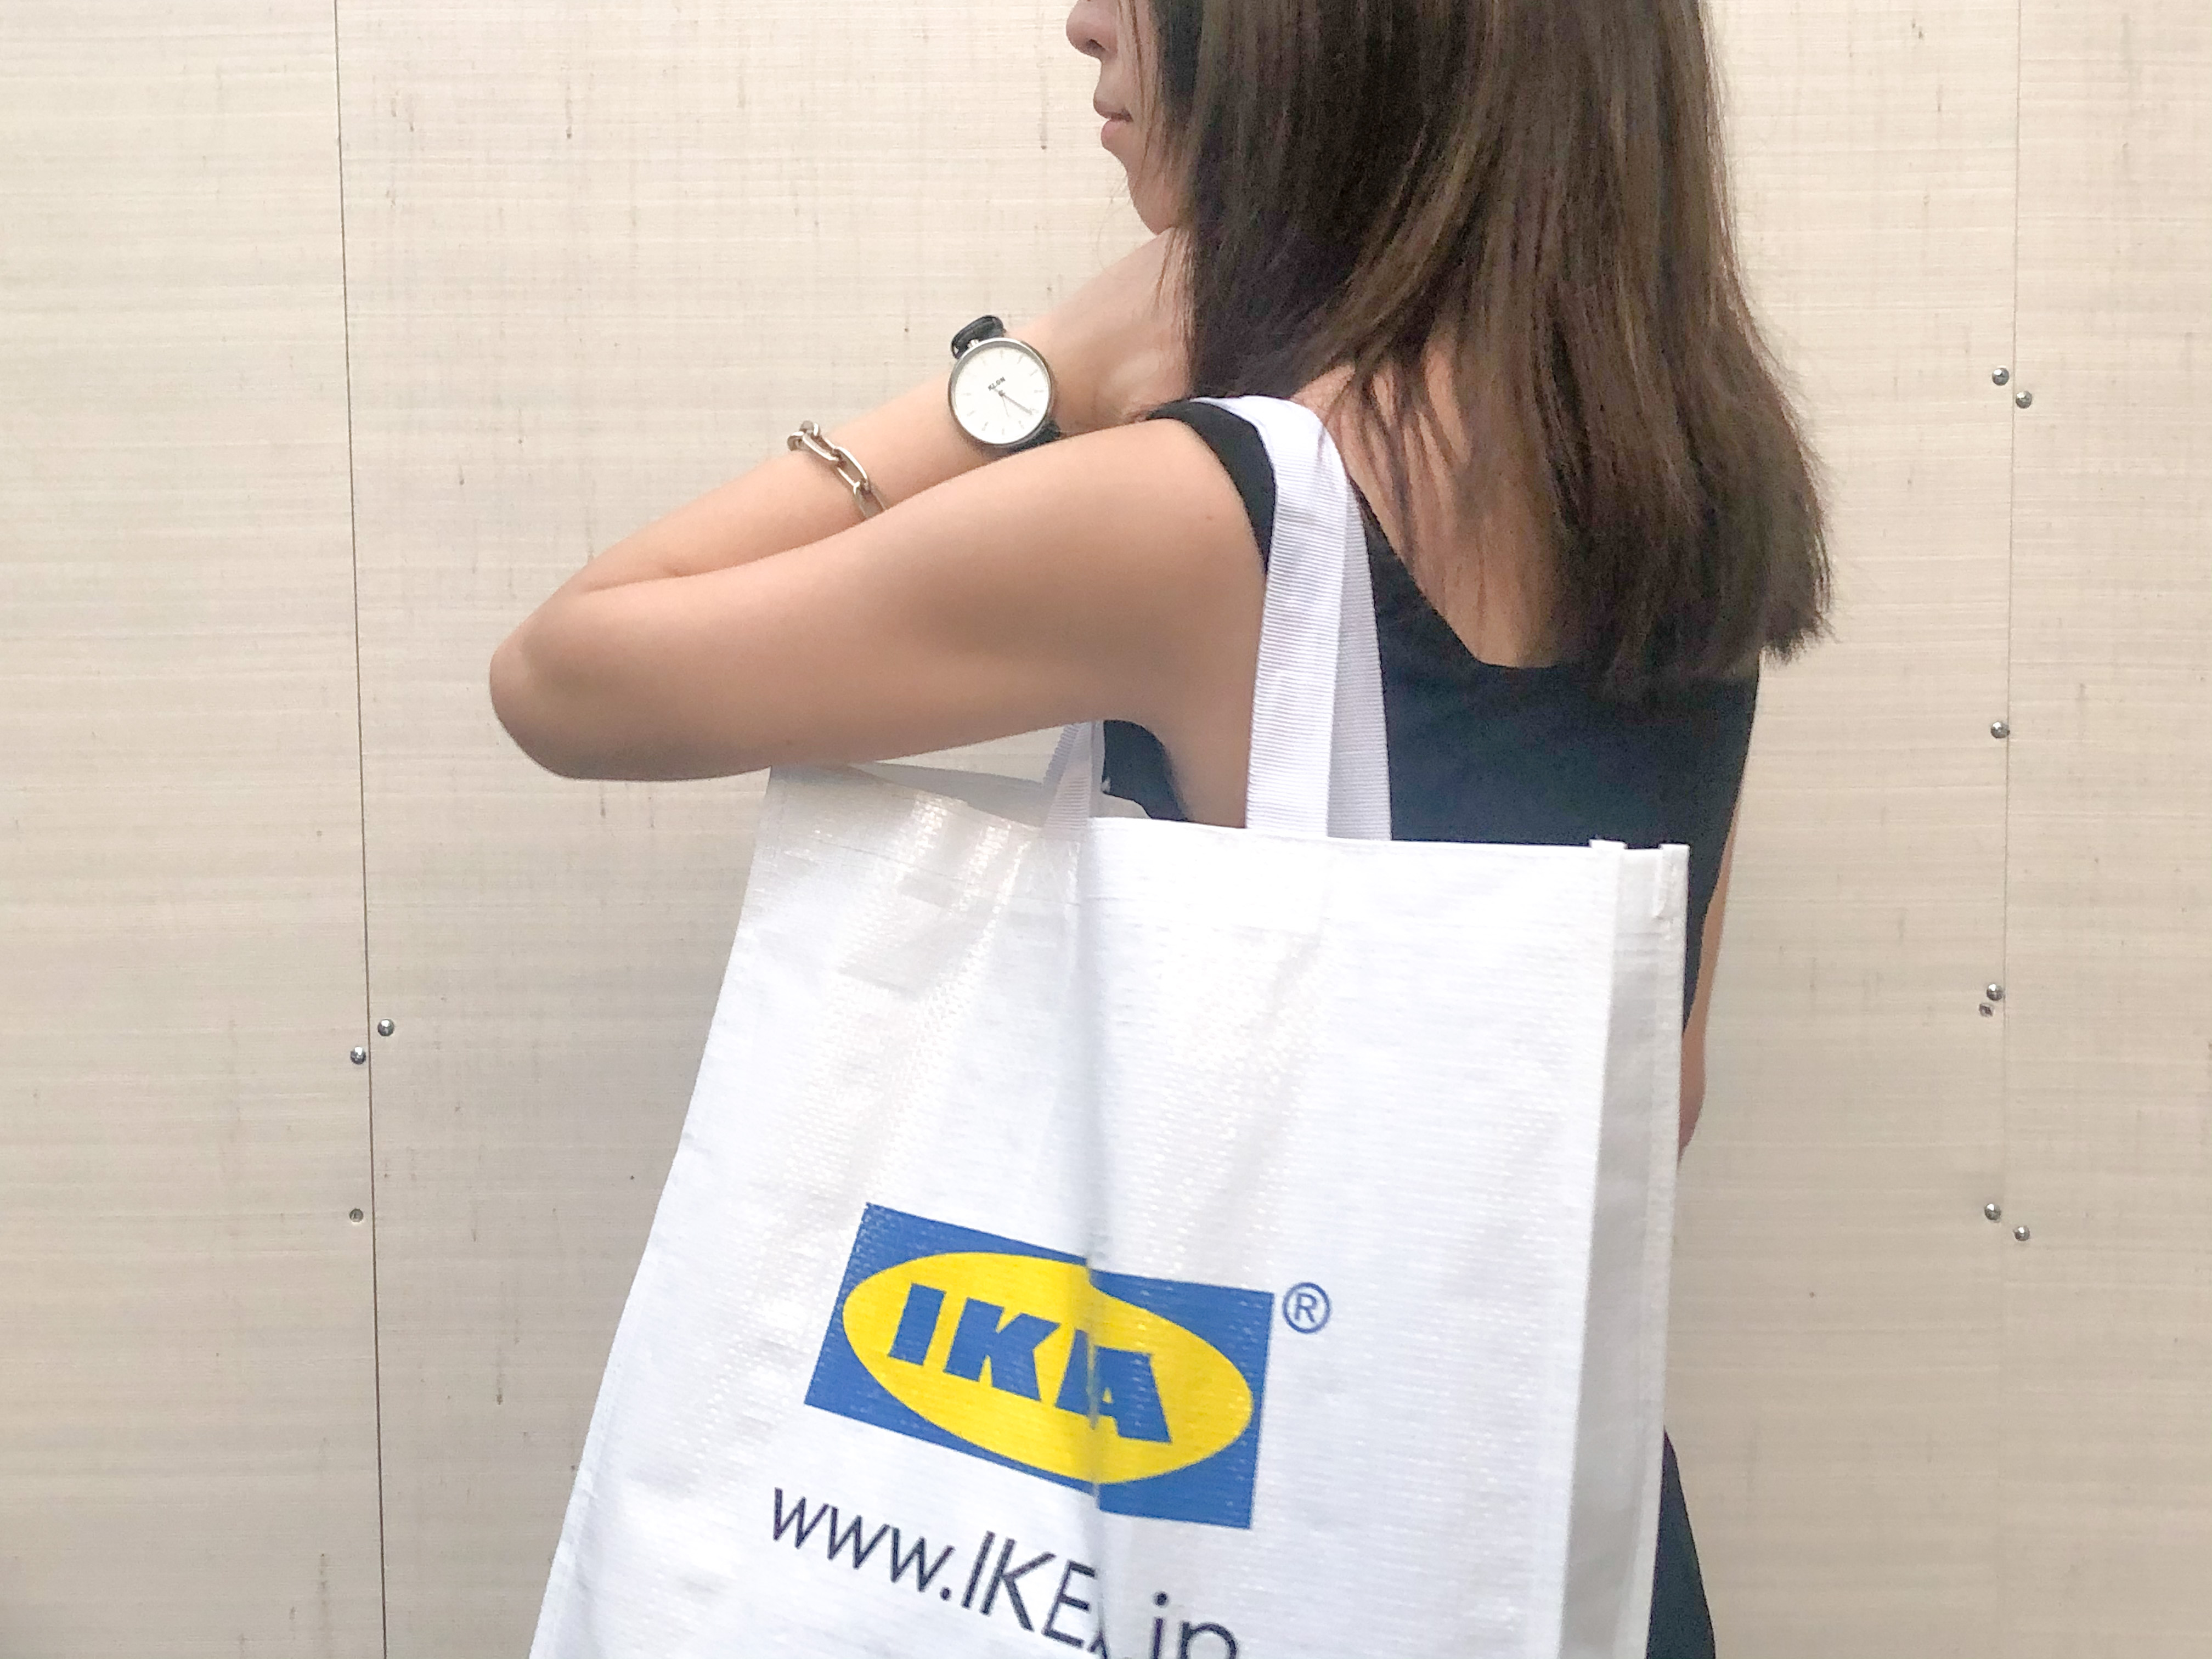 【エコバッグ】199円!丈夫でかわいい「IKEA」のKLAMBY(クラムビー)が超つかえる♡_2